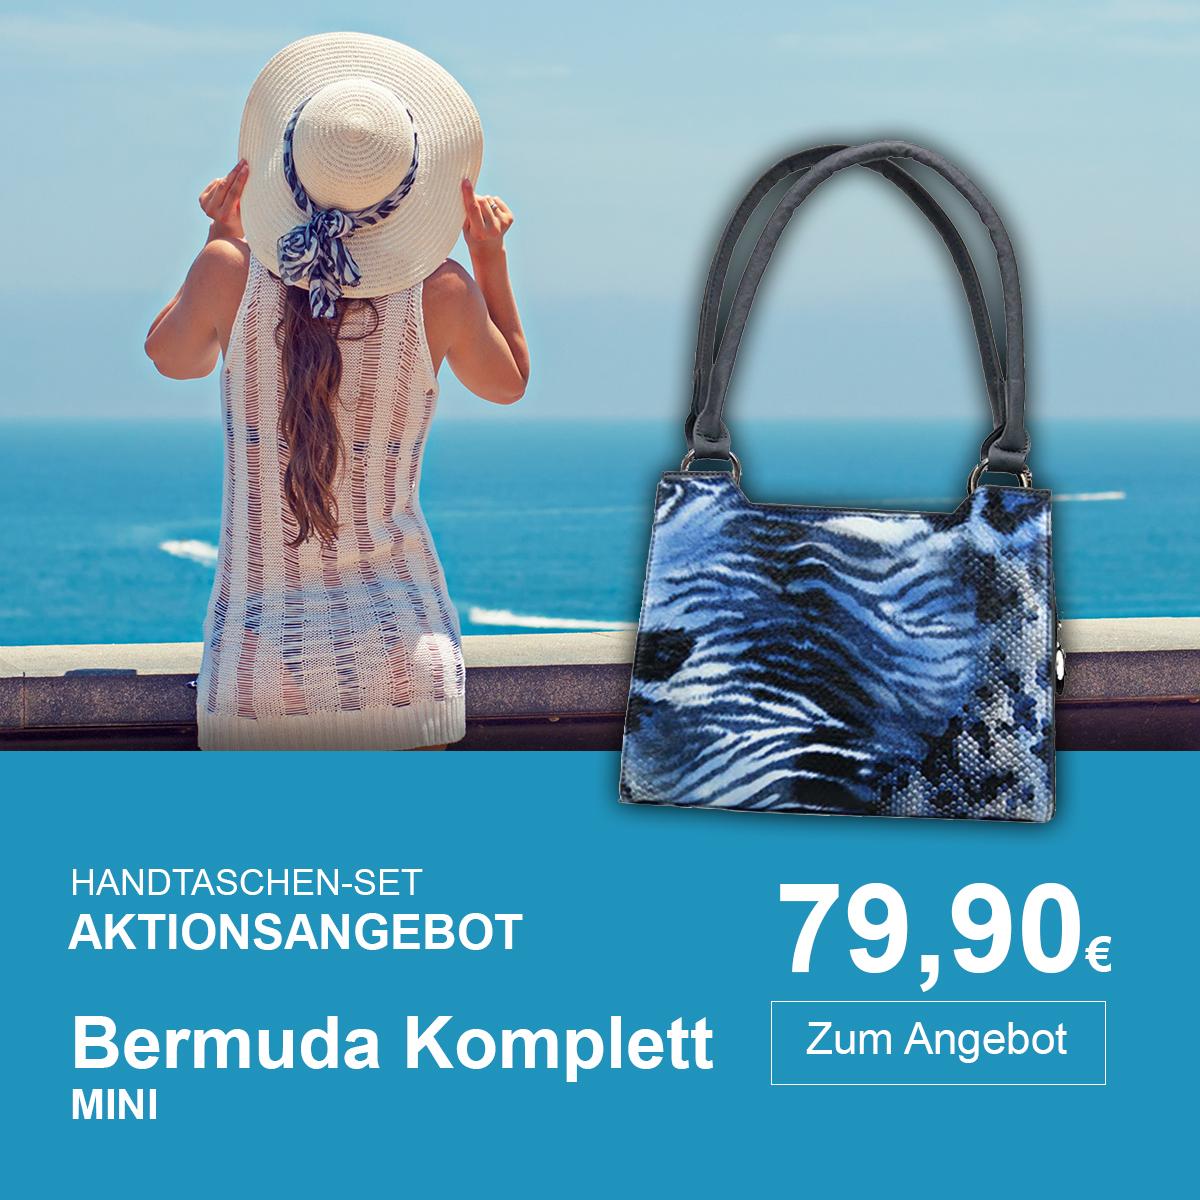 Bermuda Komplett Set